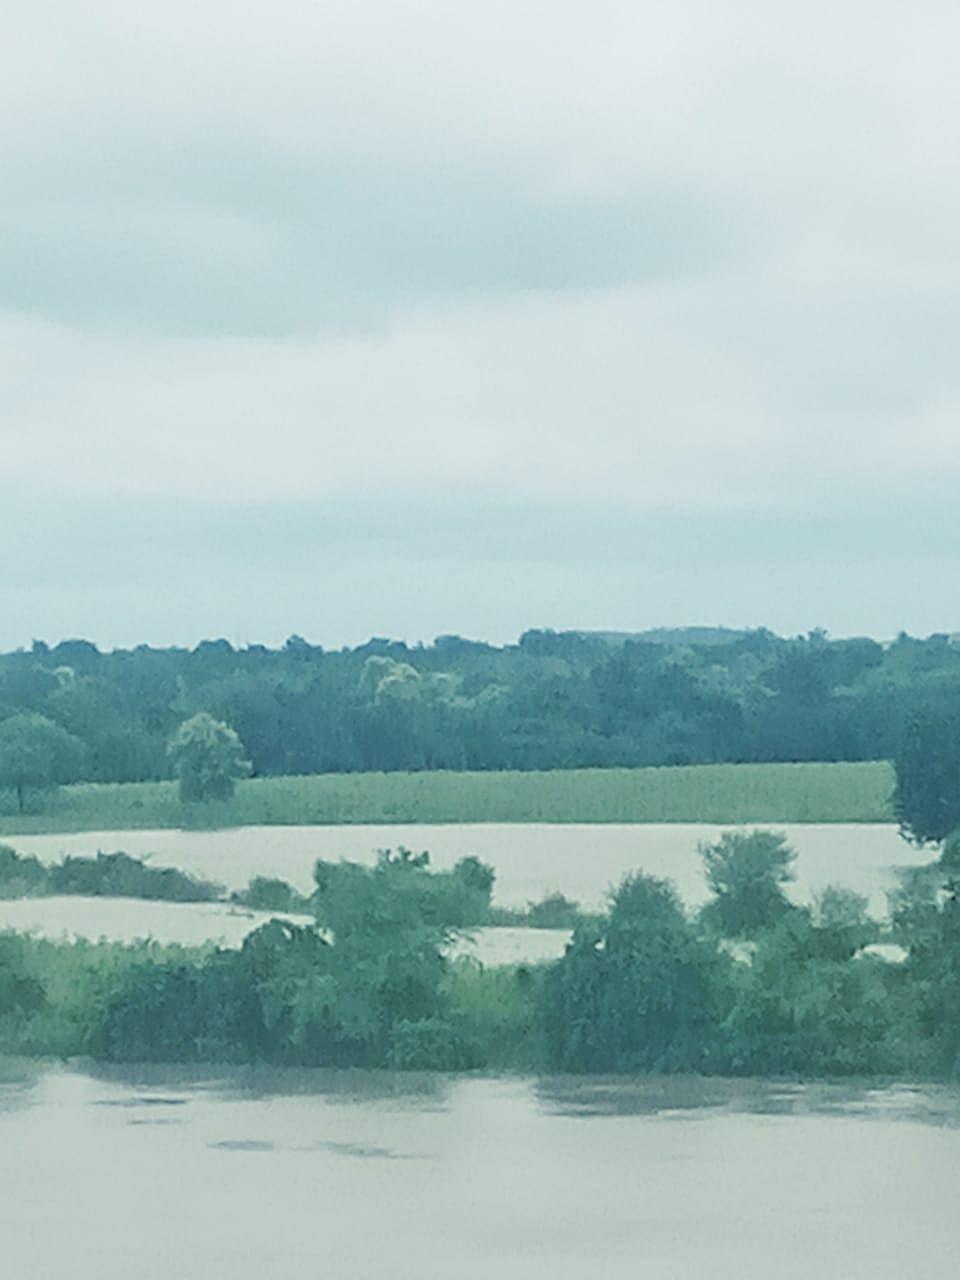 कैप्सन- 2- 3- खेत में भरा पानी 4- जलमग्न फसल में खड़ा किसान 5 -किसान नेता केशवेन्द्र सिंह 6-सियाराम लोधी 7-